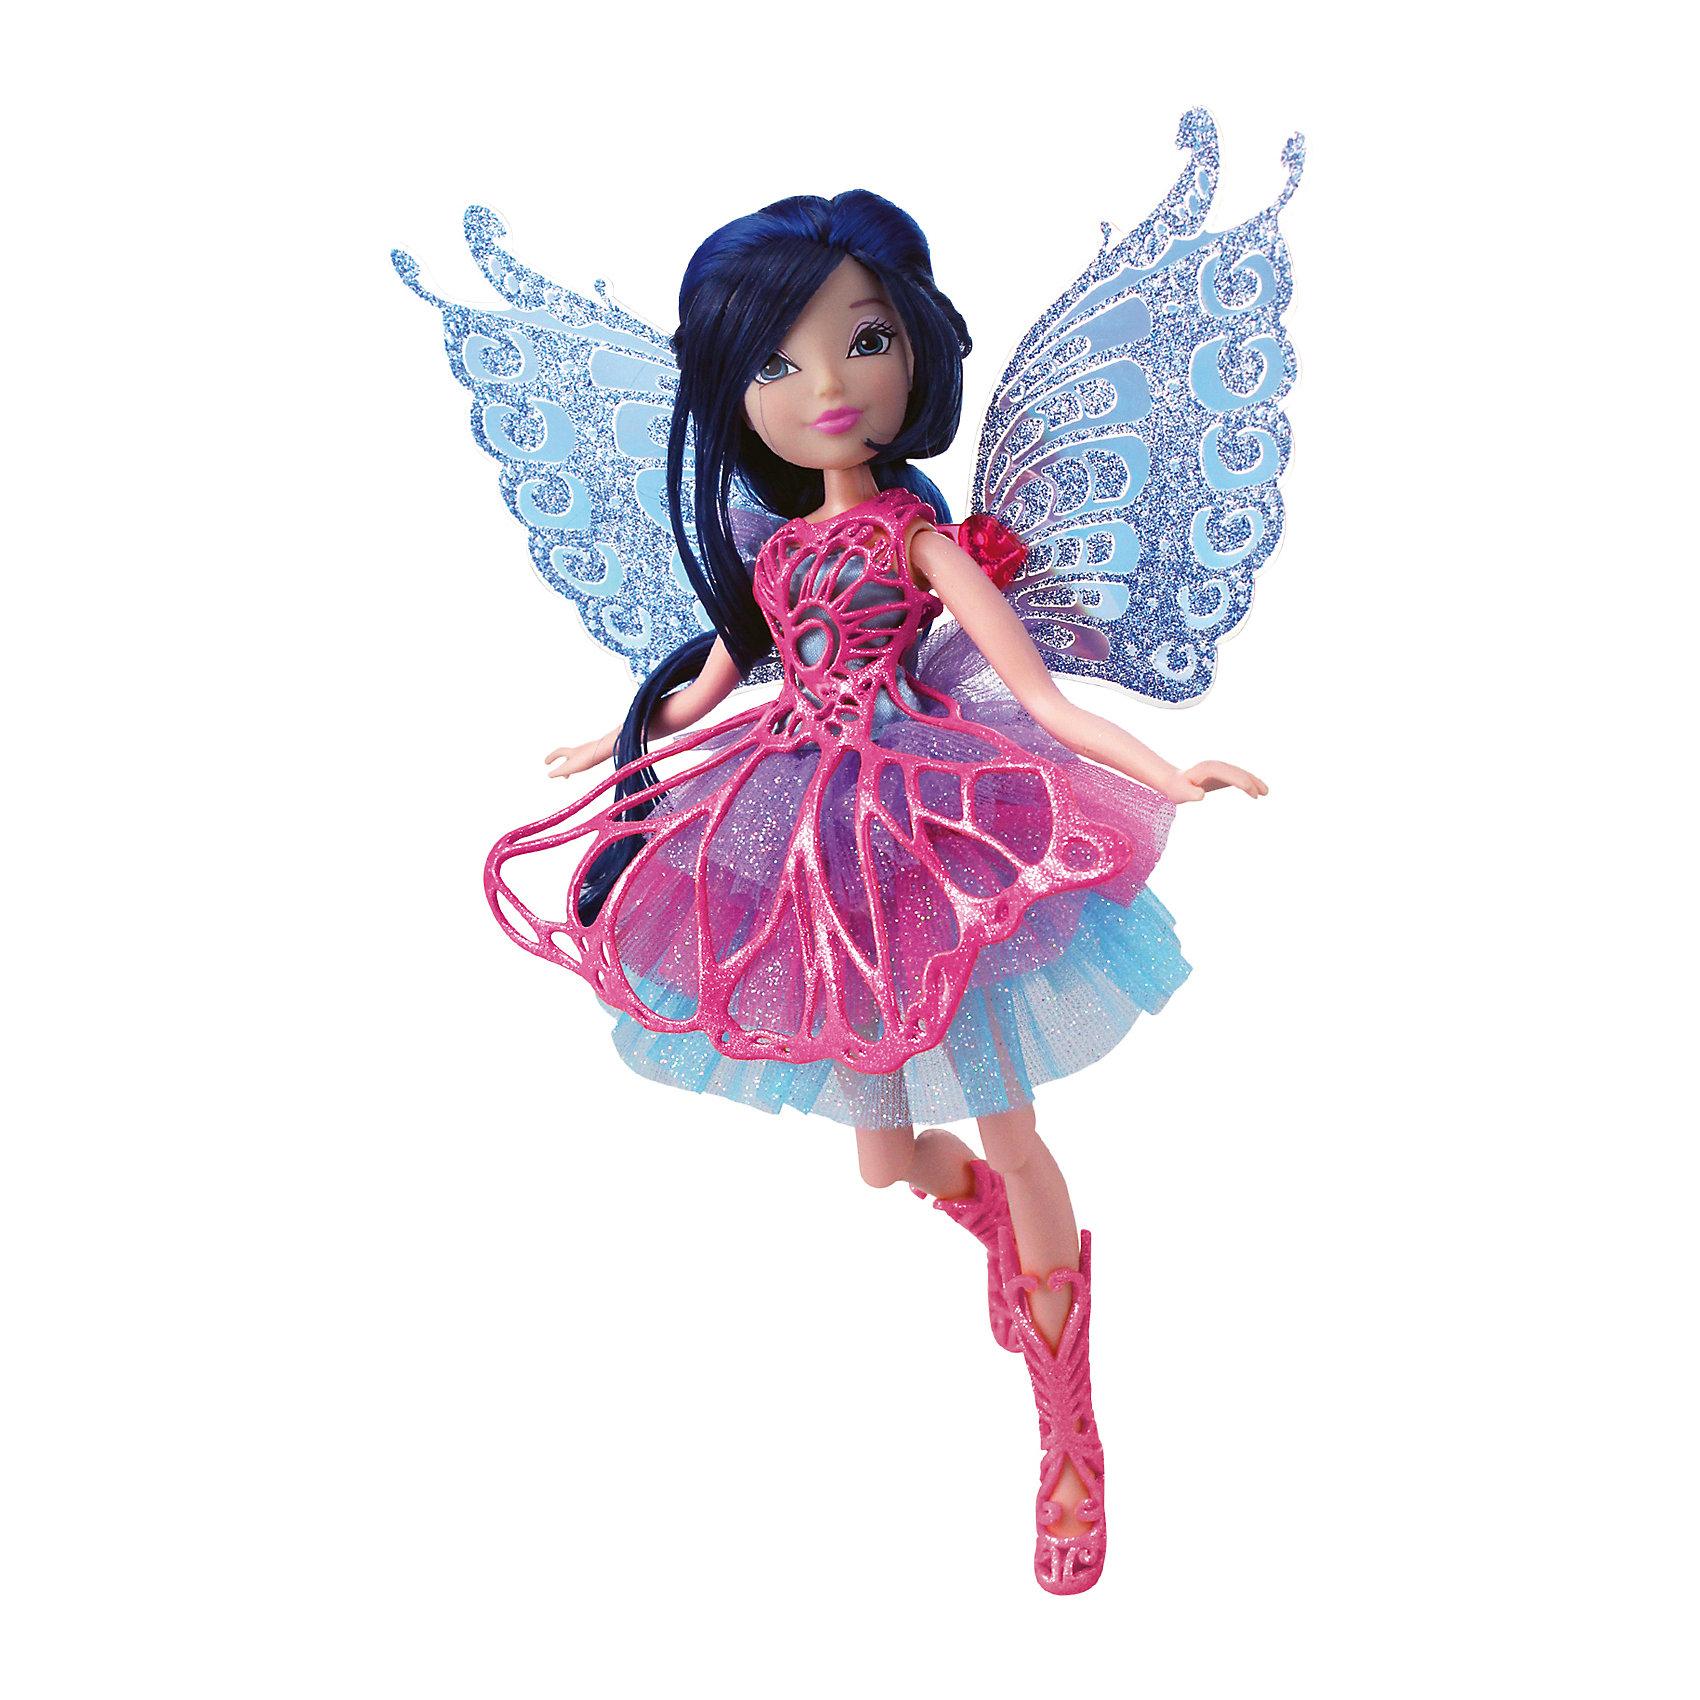 Кукла Winx Club Баттерфликс МузаWinx Club<br>Очаровательные куколки выглядят в точности так же, как и героини мультсериала «Winx Club» (Винкс Клуб). Волшебница Муза одета в красивое розовое платье, состоящее из  приталенного лифа и пышной юбки. На ногах куколки - розовые плетеные сапожки. Оригинальный аксессуар - съемная плетеная накладка на платье, делает образ феи еще более невесомым и воздушным. Длинные черные волосы куклы очень приятно расчесывать, создавая великолепные прически. Позвольте вашей девочке почувствовать себя настоящей феей вместе с любимыми героинями. Собери все куколок, проигрывай запомнившиеся моменты из мультсериала или придумывай свои новые истории! <br><br>Дополнительная информация:<br><br>- Комплектация: кукла, расческа, съемные крылья, одежда, обувь.<br>- Материал:  пластик, текстиль. <br>- Высота куклы: 28 см.<br>- Голова, руки, ноги подвижные. <br><br>Куклу Winx Club Баттерфликс, Музу, можно купить в нашем магазине.<br><br>Ширина мм: 290<br>Глубина мм: 60<br>Высота мм: 345<br>Вес г: 420<br>Возраст от месяцев: 36<br>Возраст до месяцев: 84<br>Пол: Женский<br>Возраст: Детский<br>SKU: 4345038